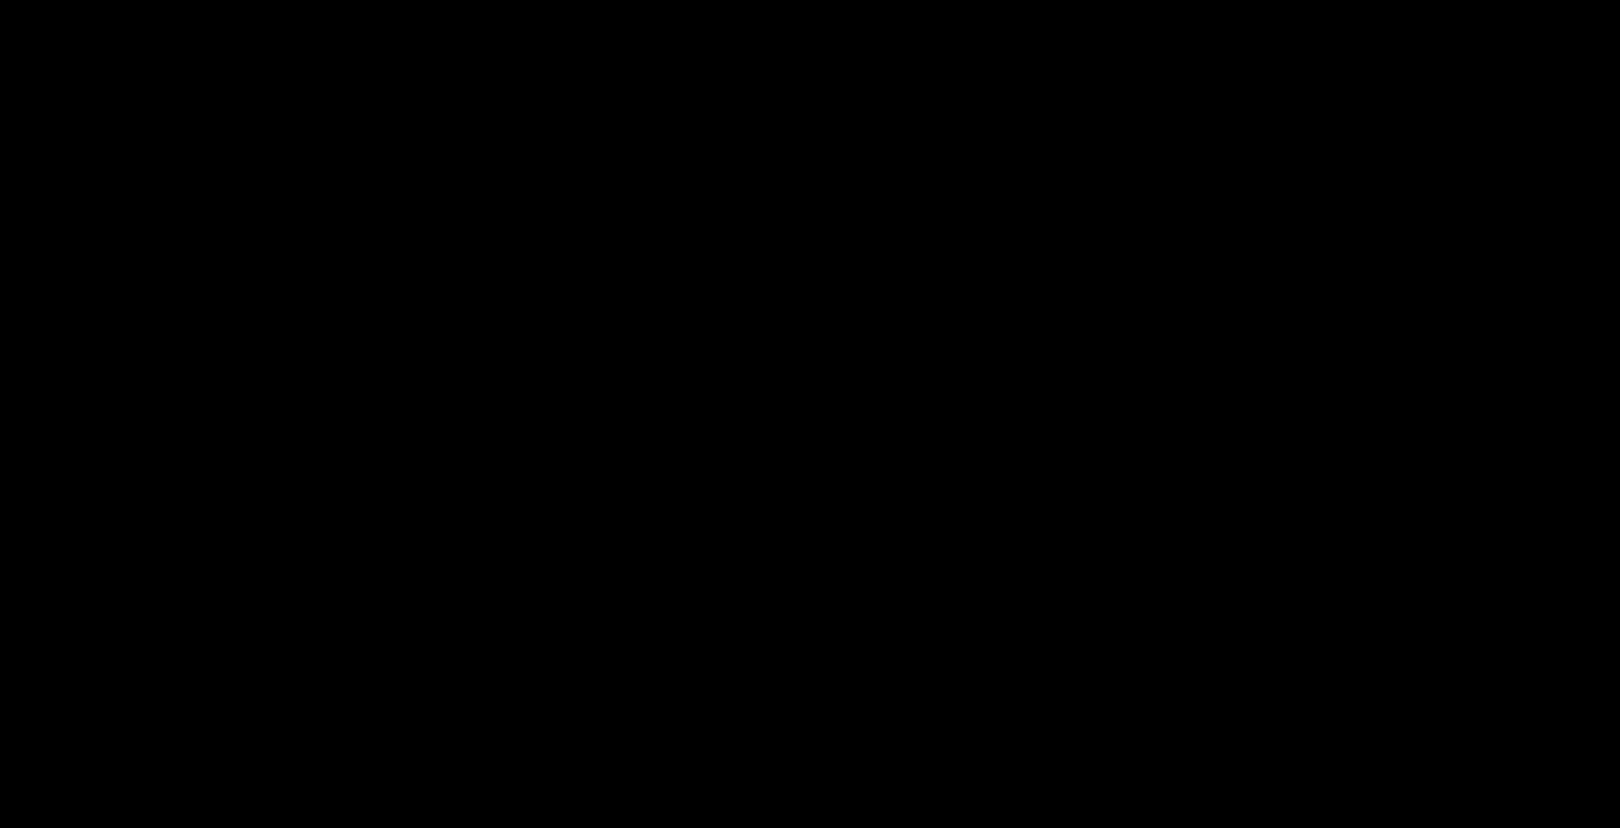 N-[2-(5-Methoxy-d<sub>3</sub>-indol-3-yl)-ethyl]-commenamide